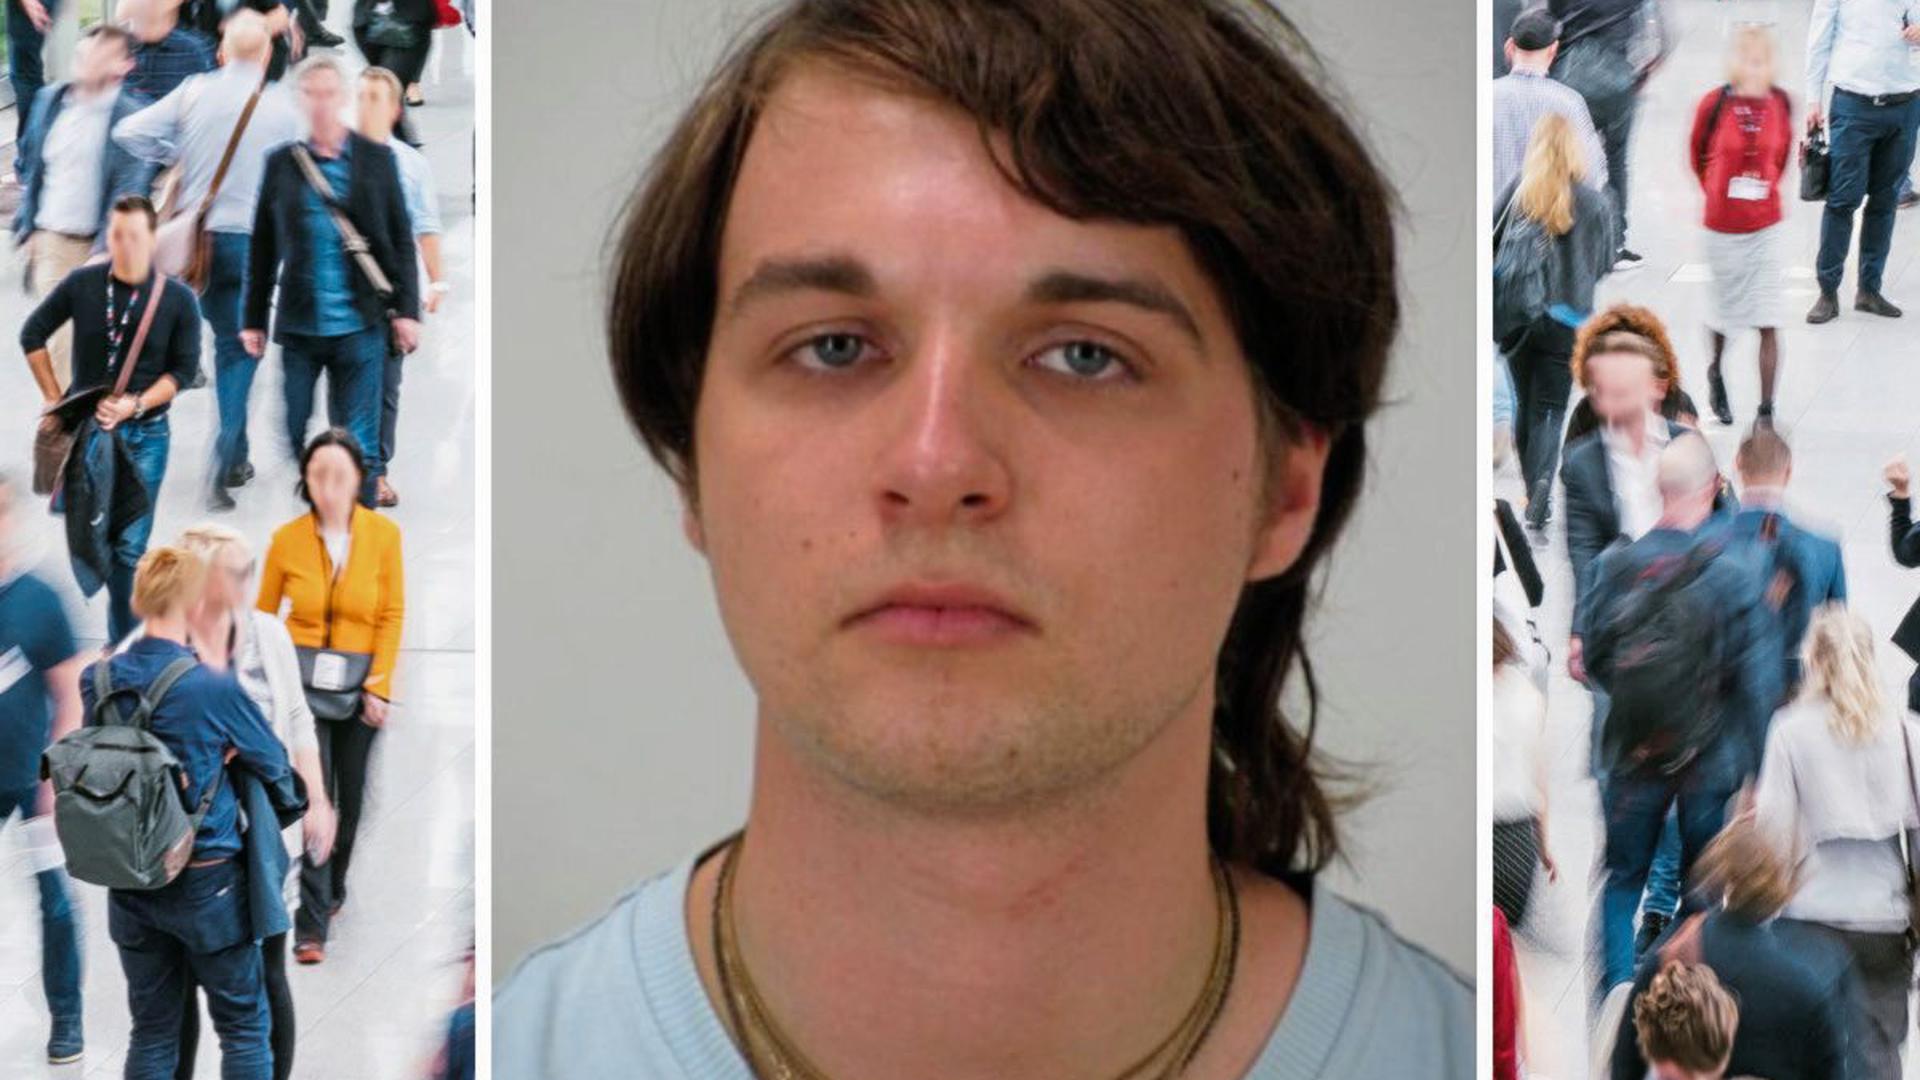 Der damals 25-Jährige Johannes Bernhard wird seit dem 24. Dezember 2011 vermisst.